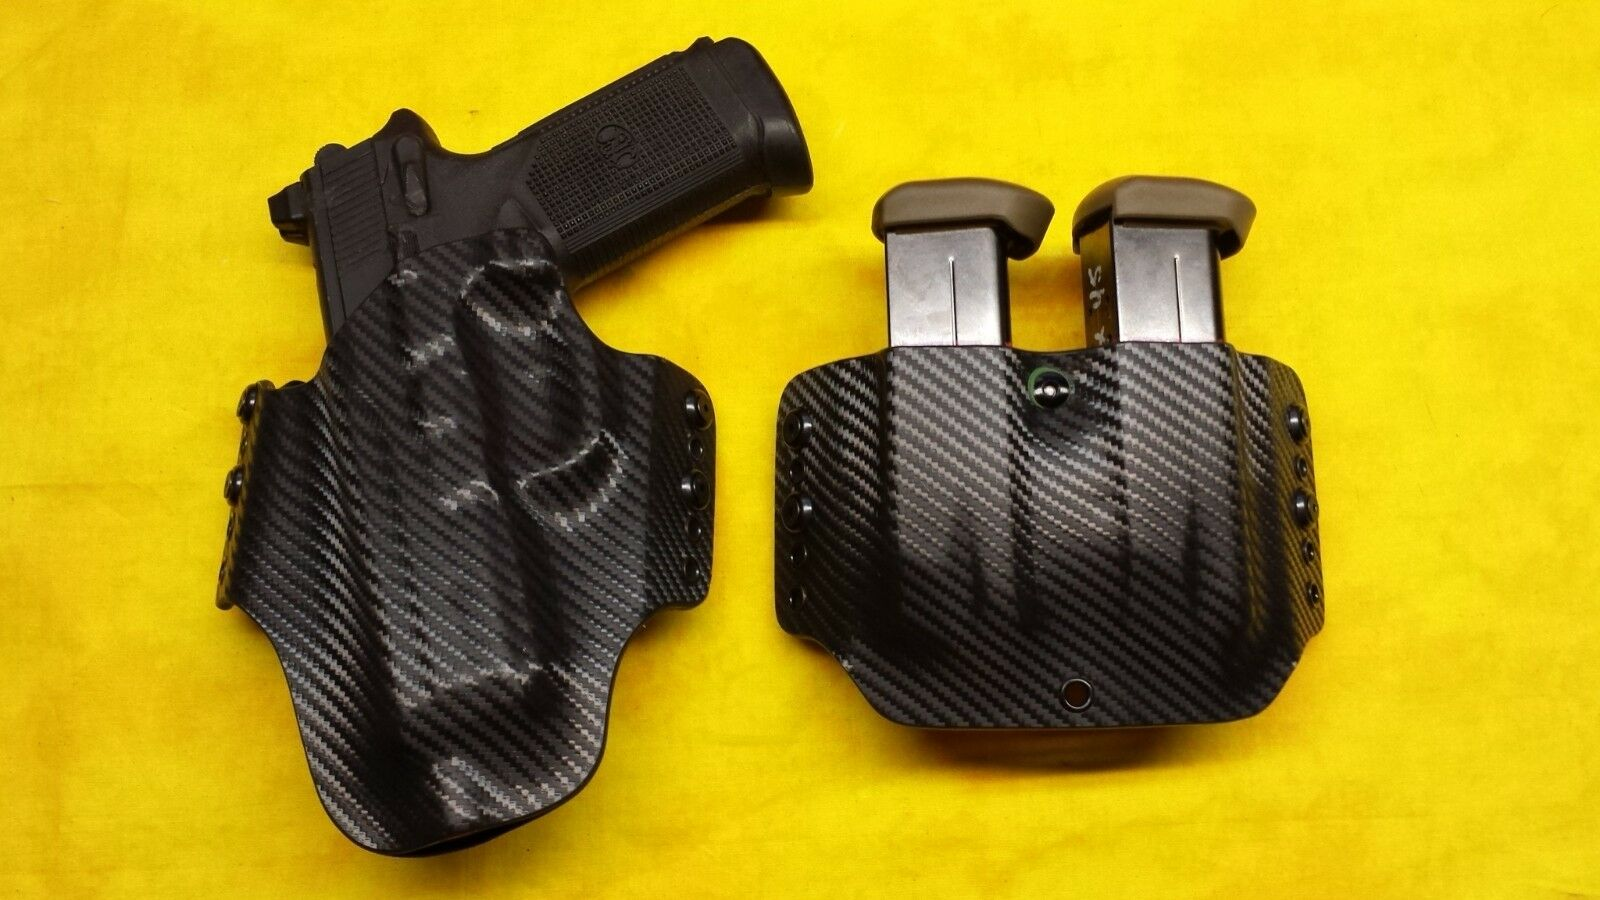 Funda Combo Negro izquierdo se ajusta FNX-45 táctico con TRIJICON Vista & Doble Engranaje De Artes Marciales